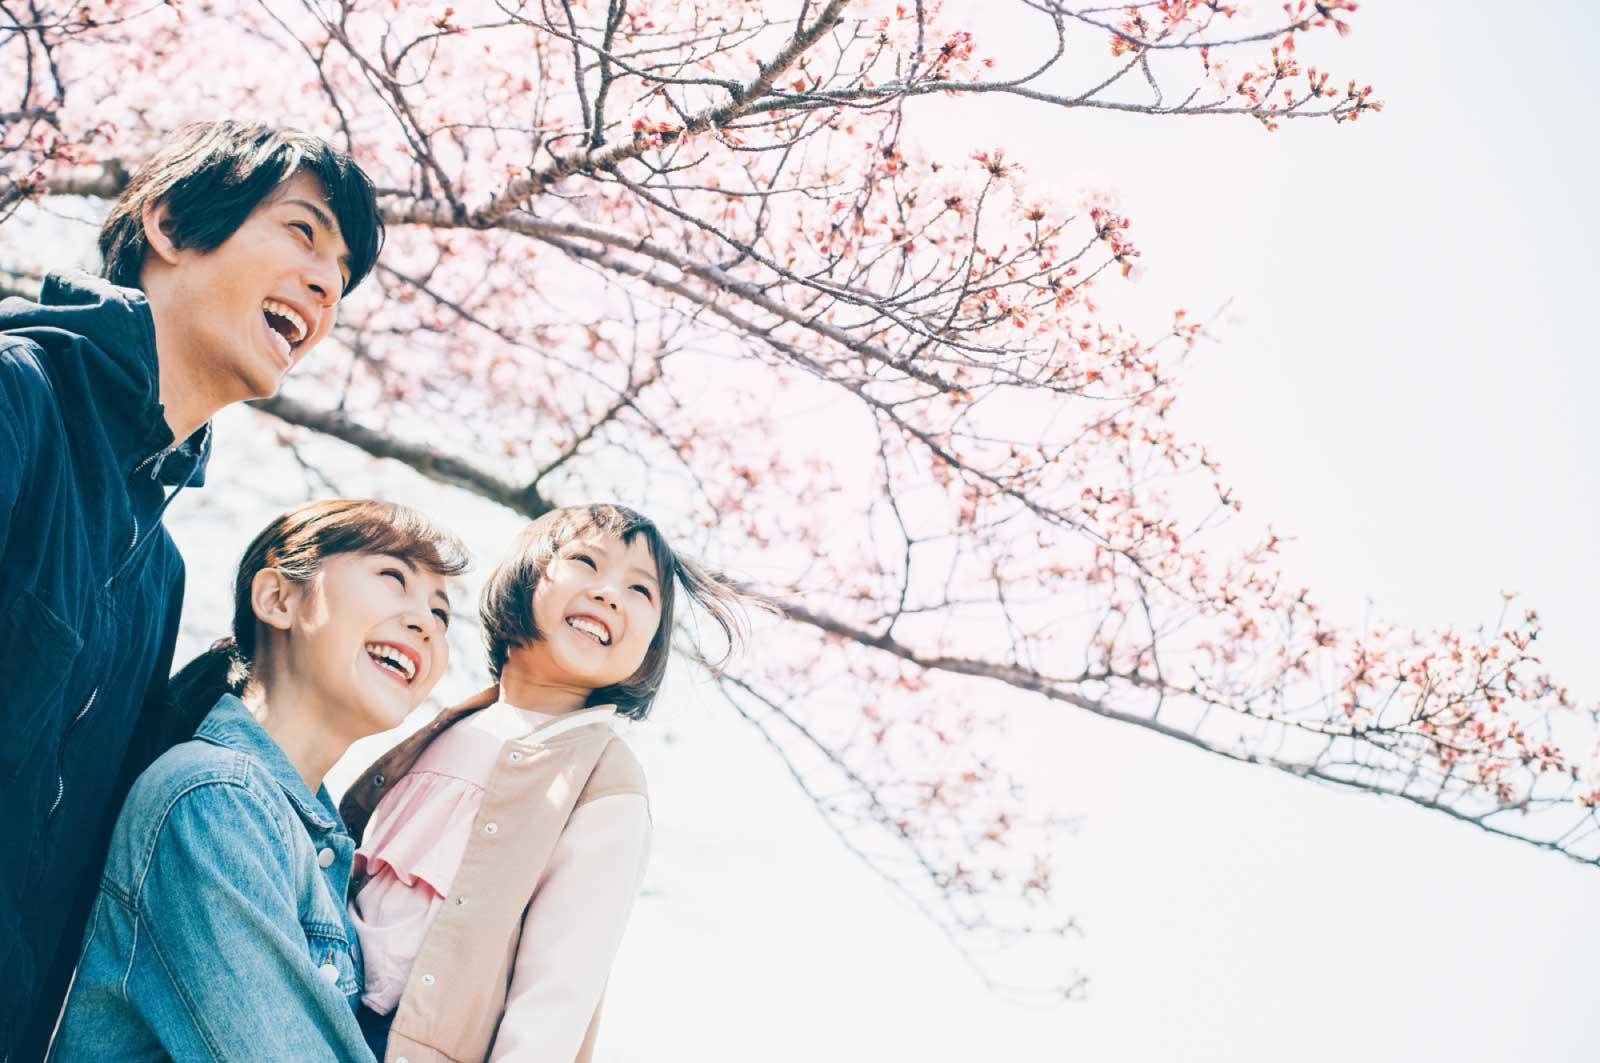 日本人にとって桜はとても思い入れのある花